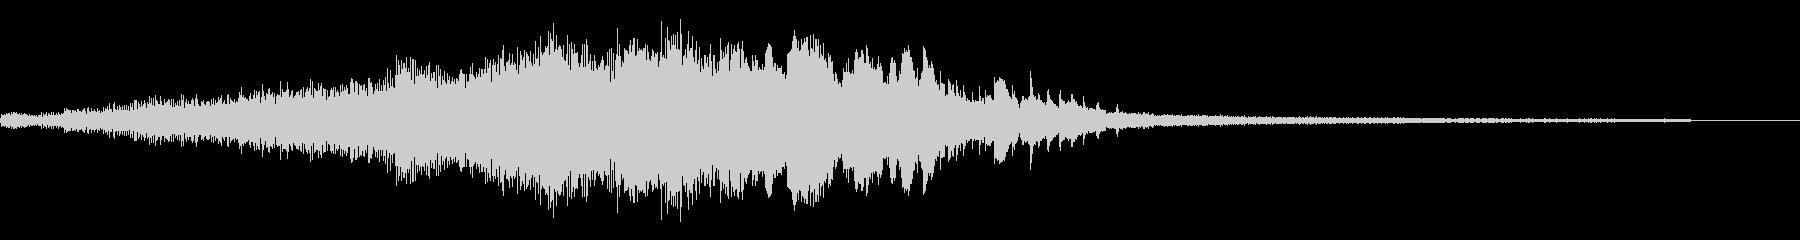 狂気の和風ジングル44-ピアノソロの未再生の波形